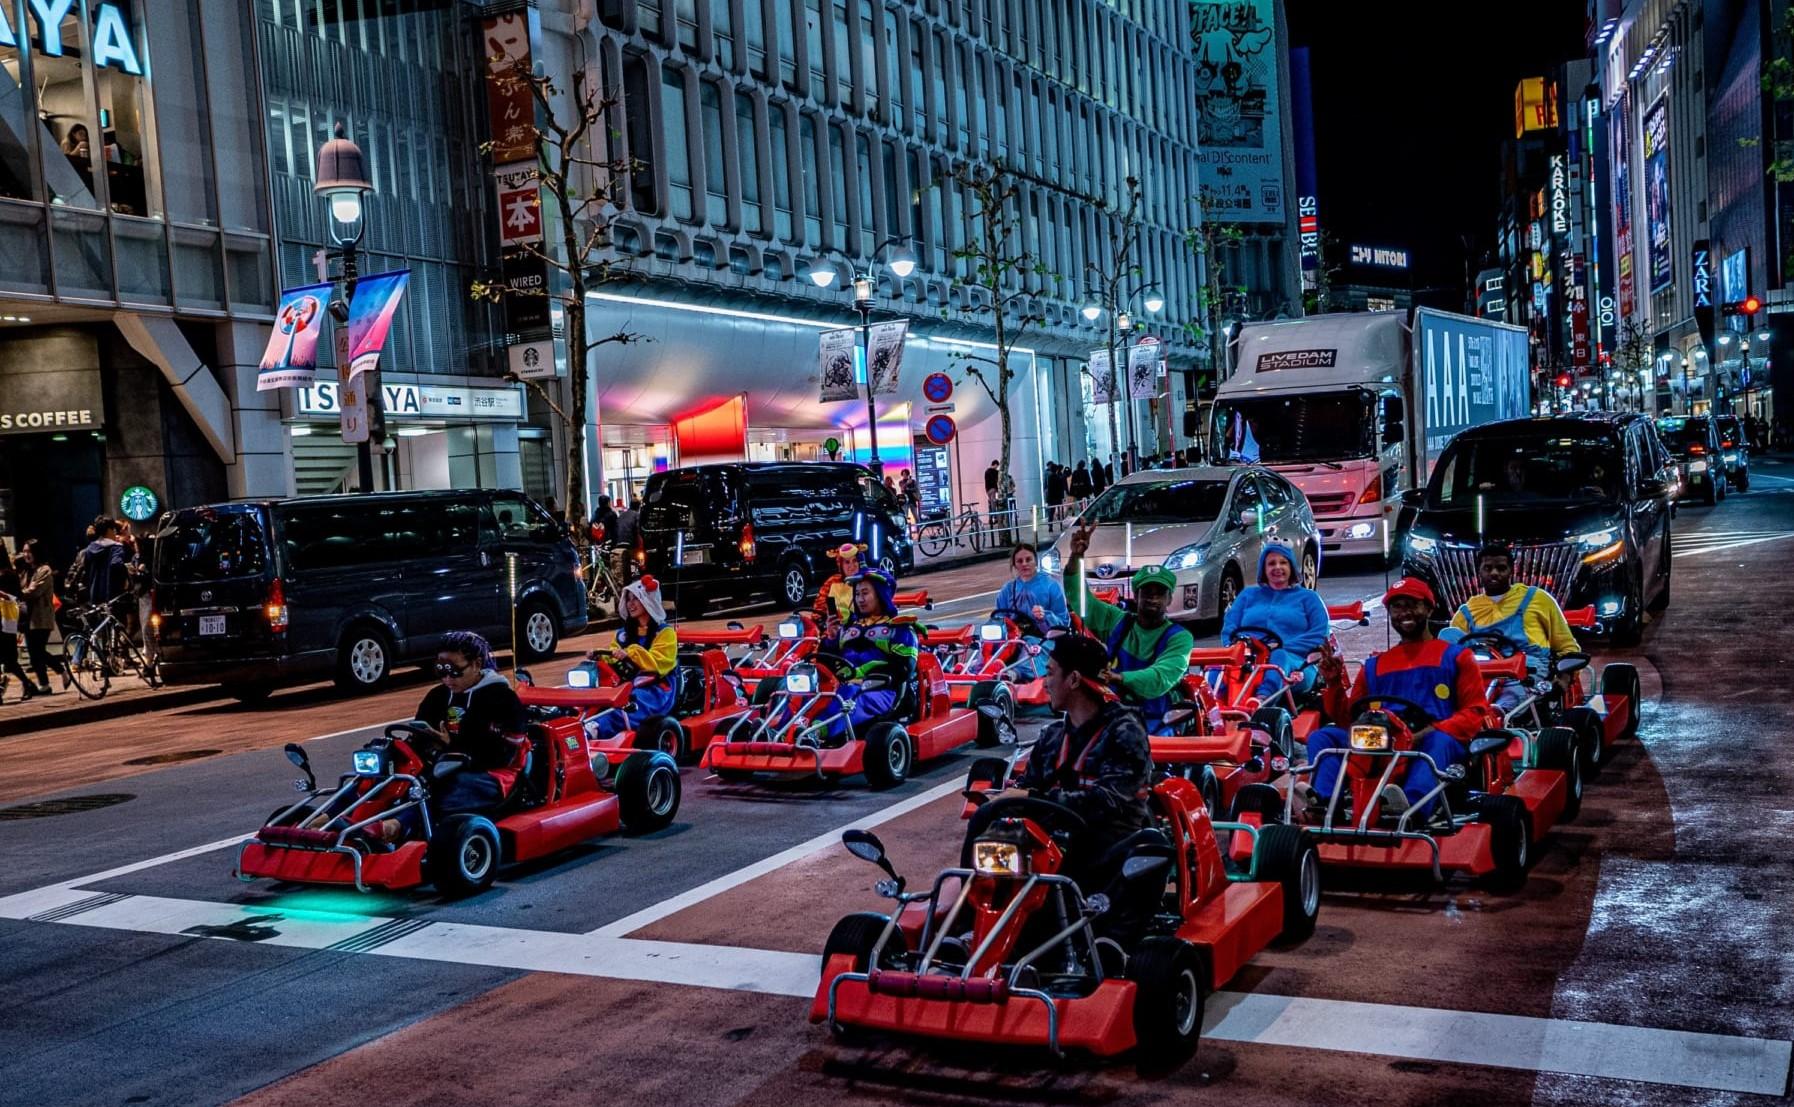 Go karting in Shibuya